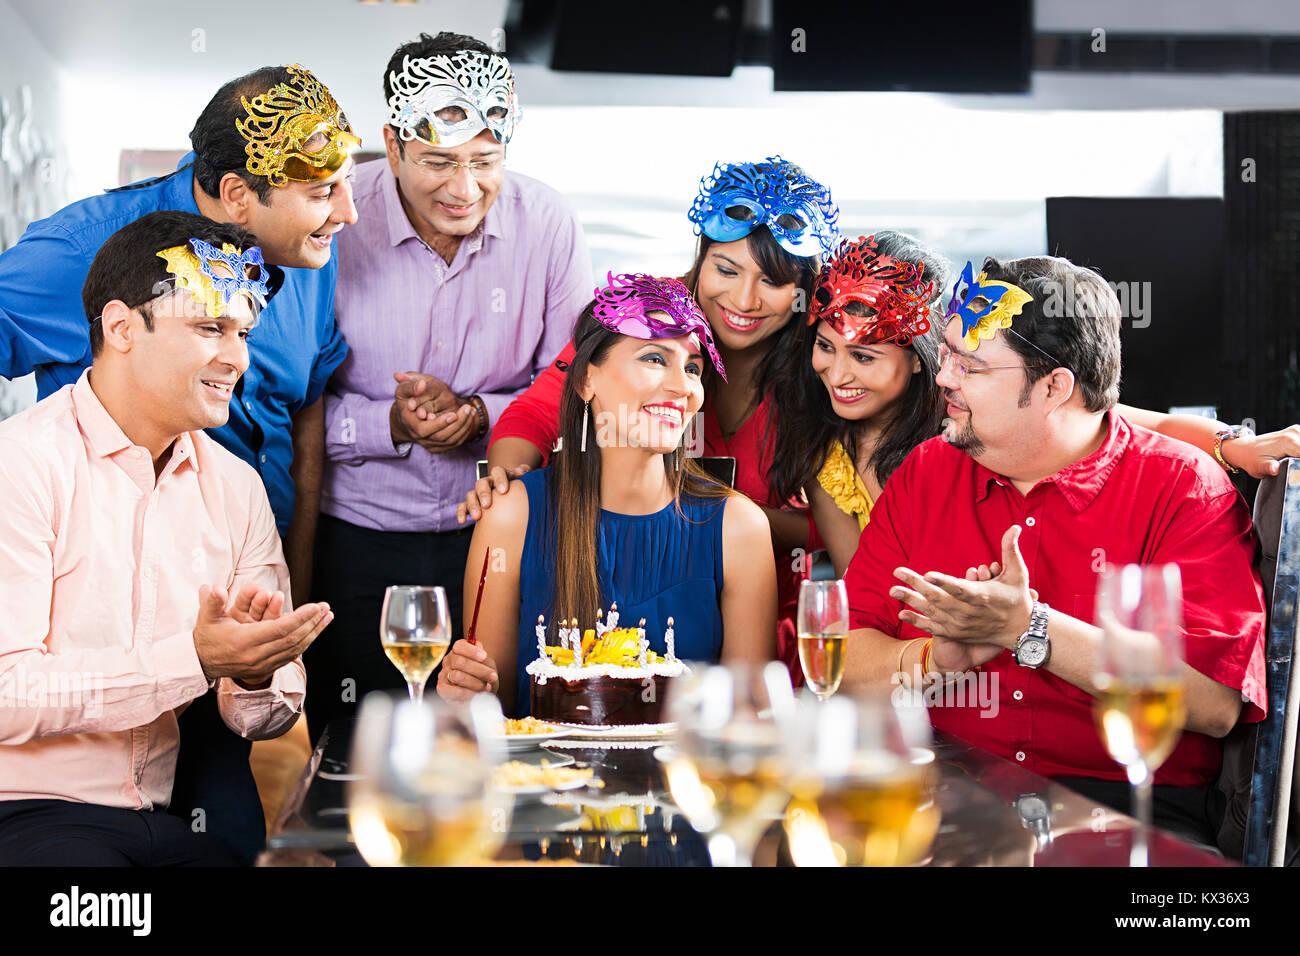 Festa Compleanno 40 Anni Uomo gruppo amici festeggiare il compleanno, donna taglio torta